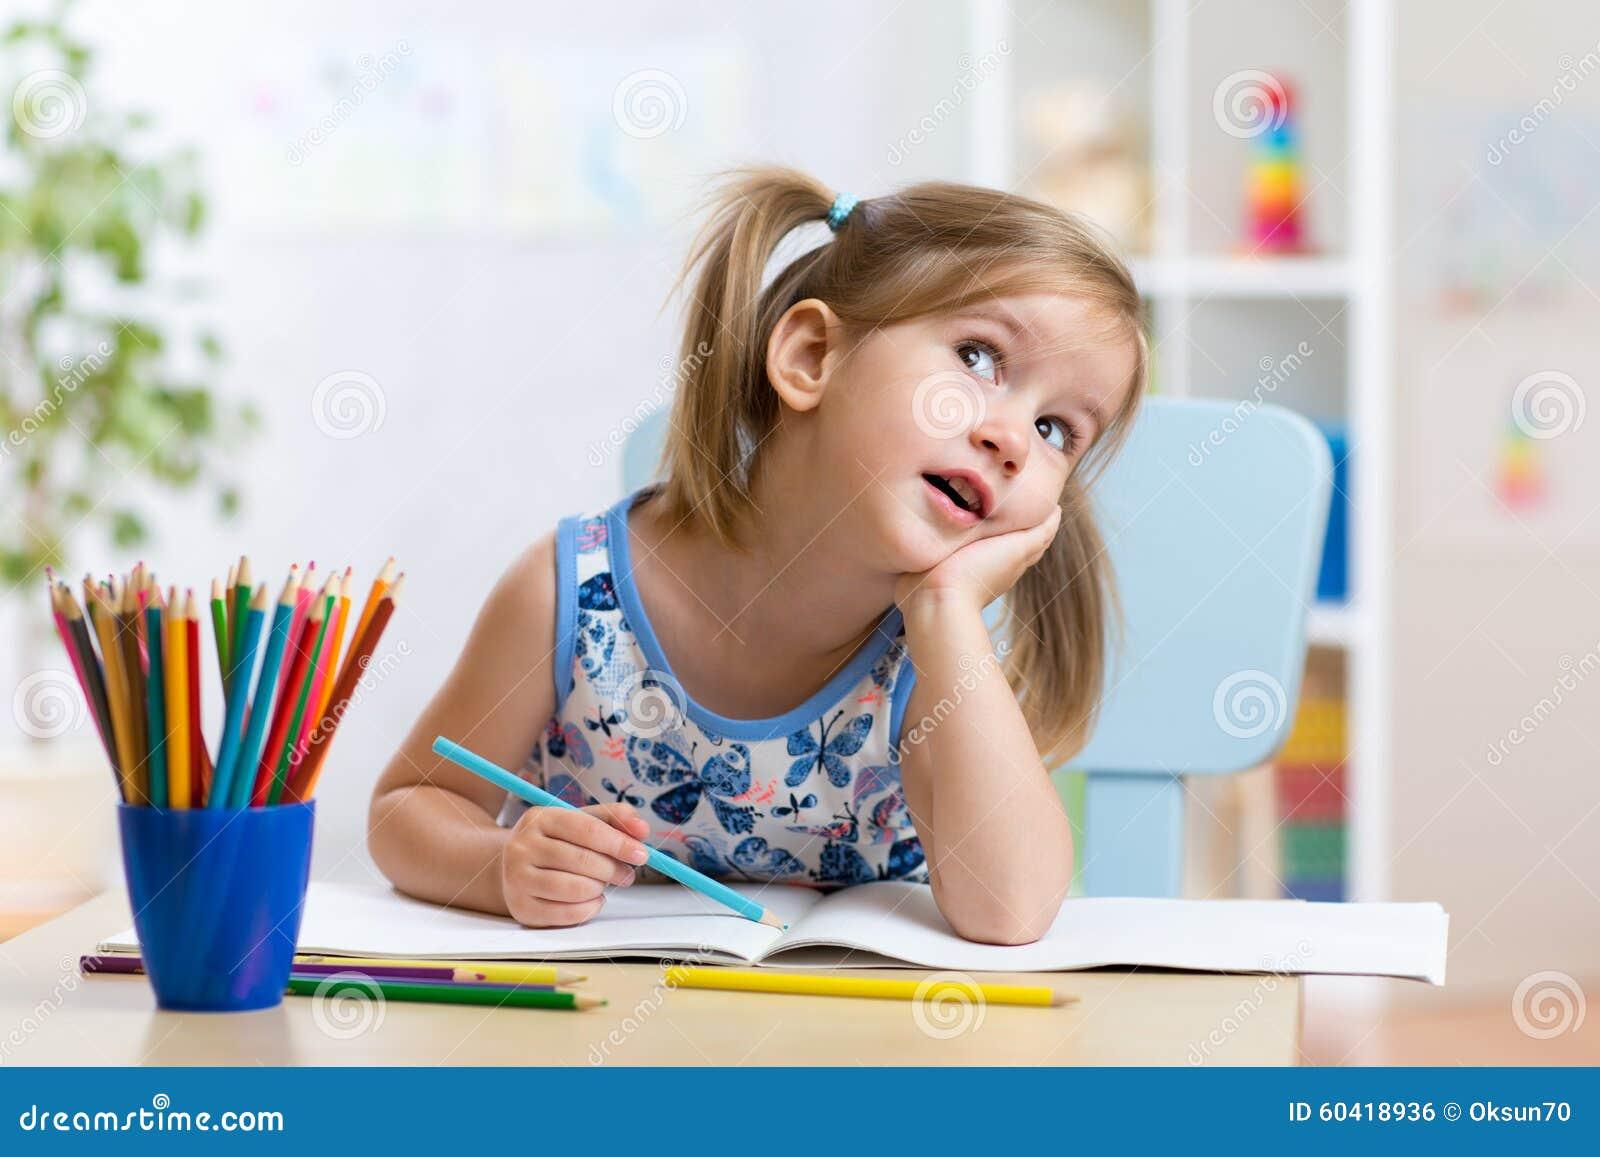 有铅笔的梦想的孩子女孩